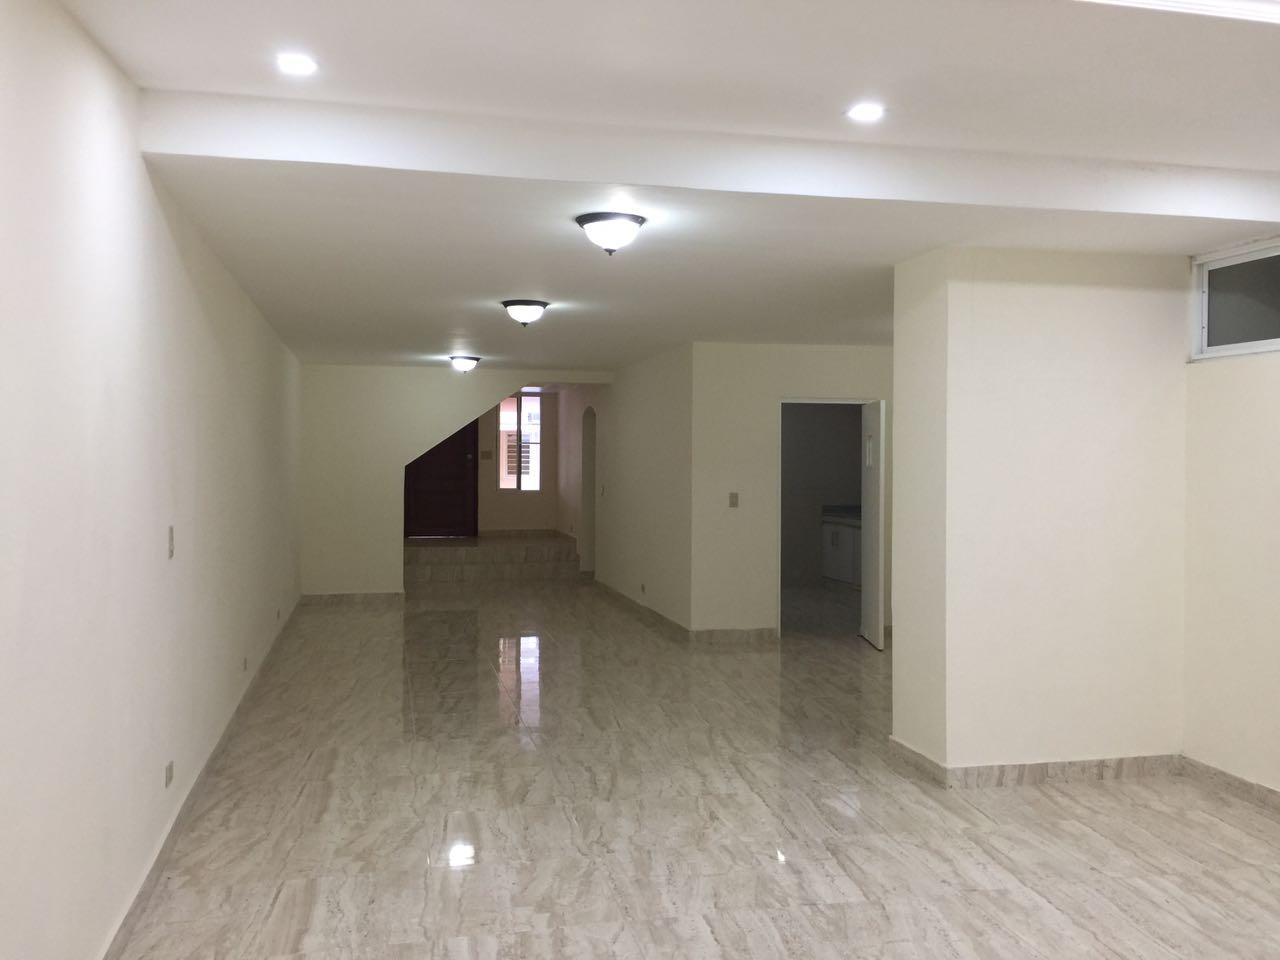 El-Carmen-Panama-property-panamaequityel-carmen-home-close-episcopal.jpg